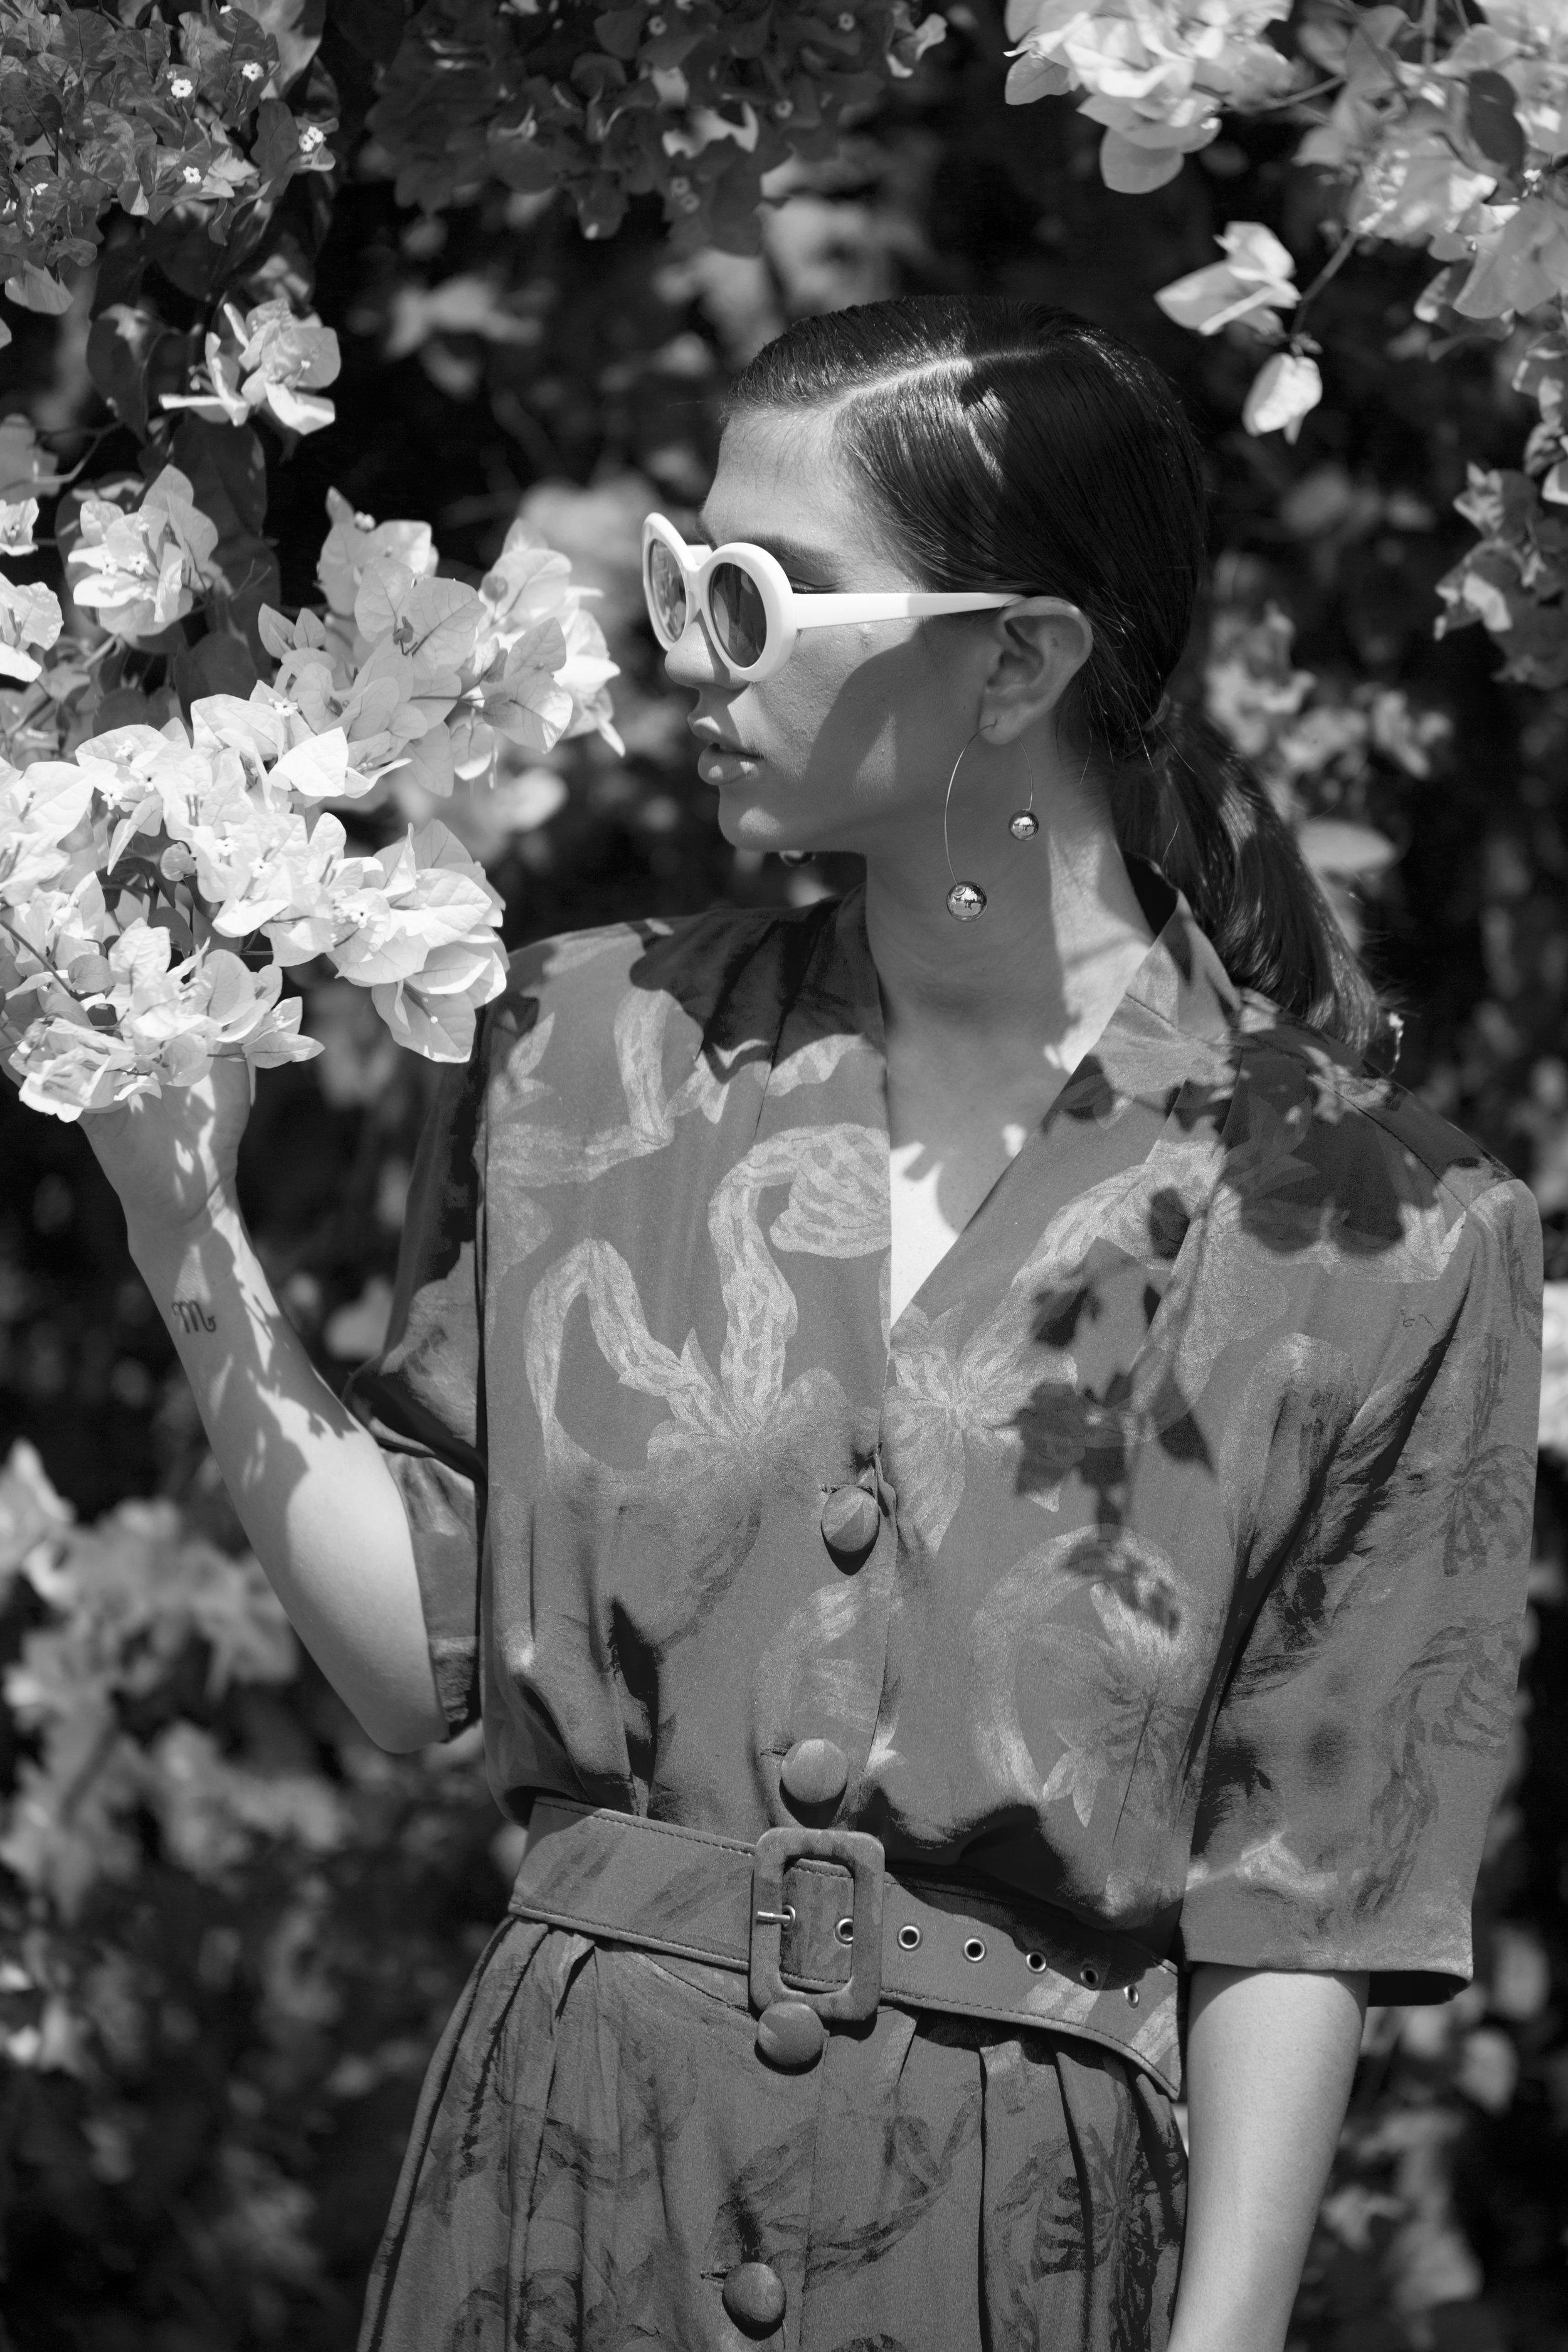 אביה ביטון משקפי זבוב טרנד סלין.jpg